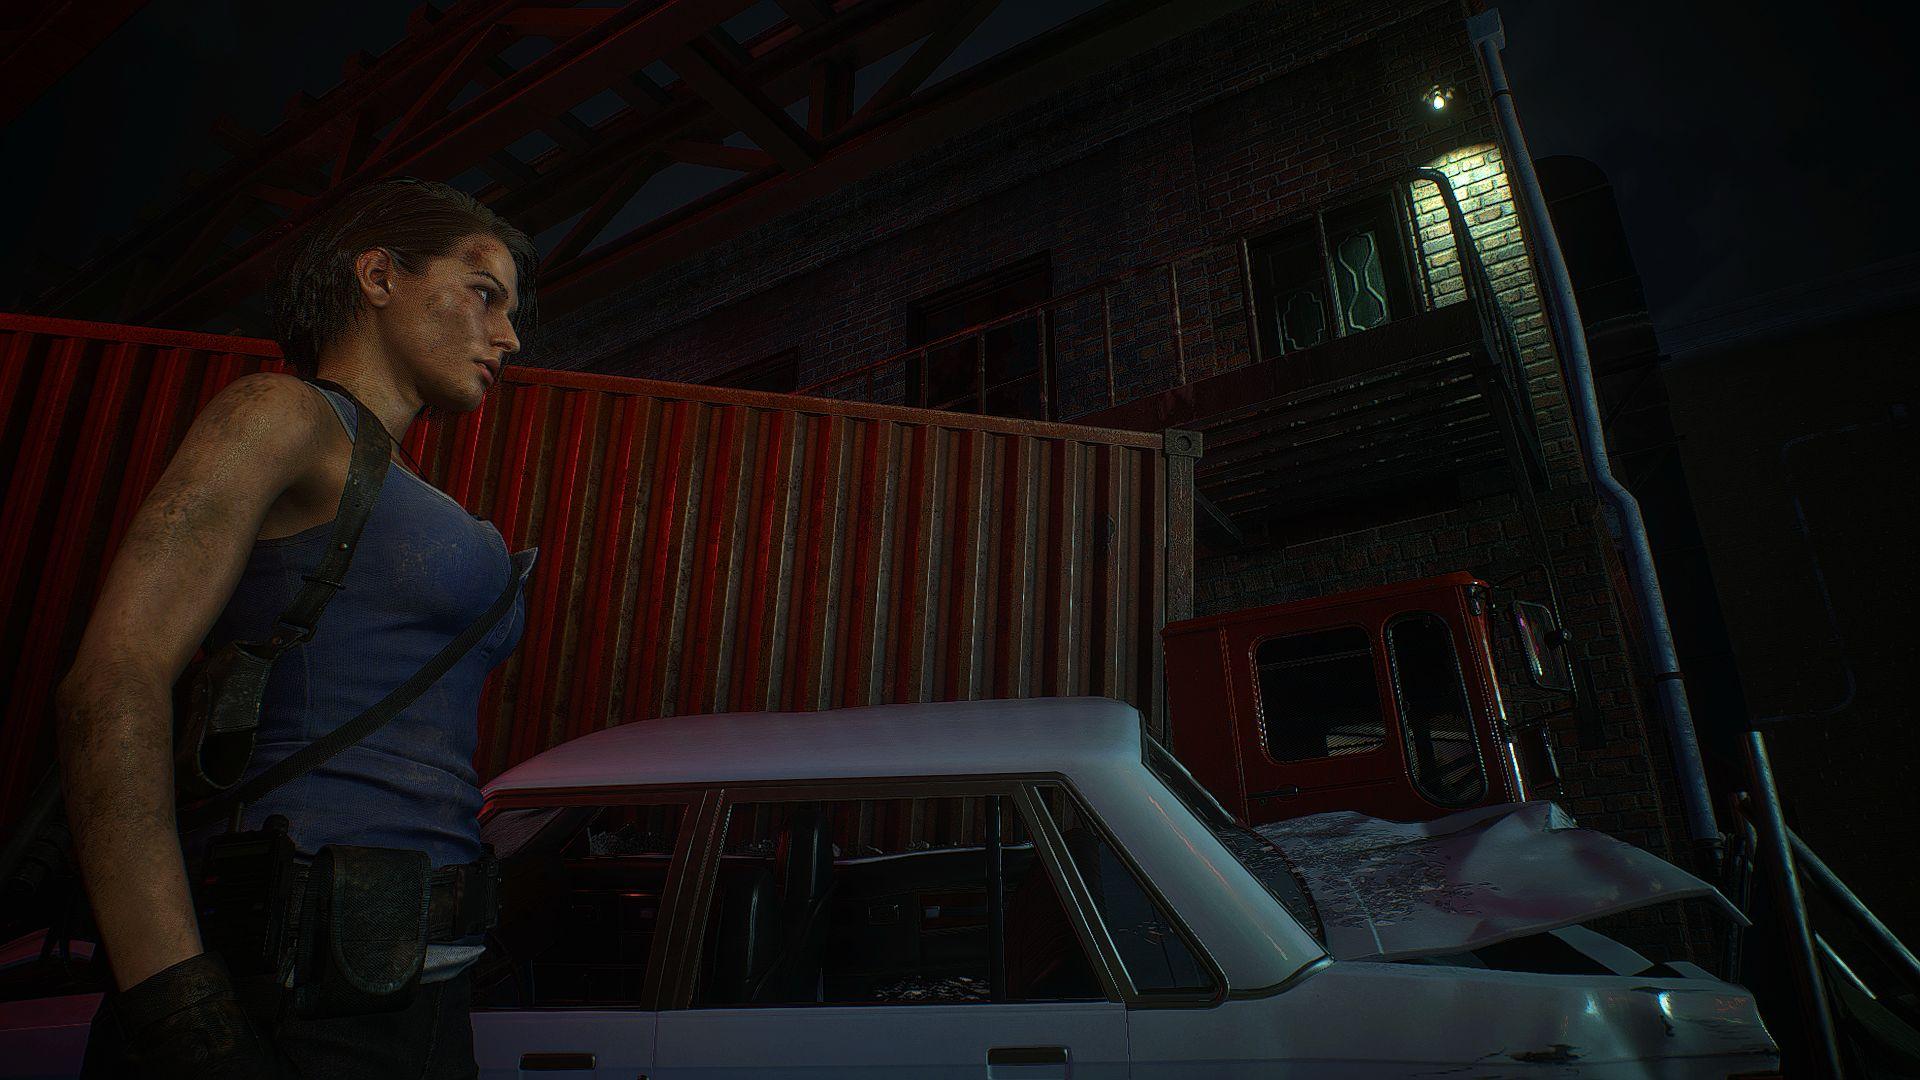 00067.Jpg - Resident Evil 3: Nemesis